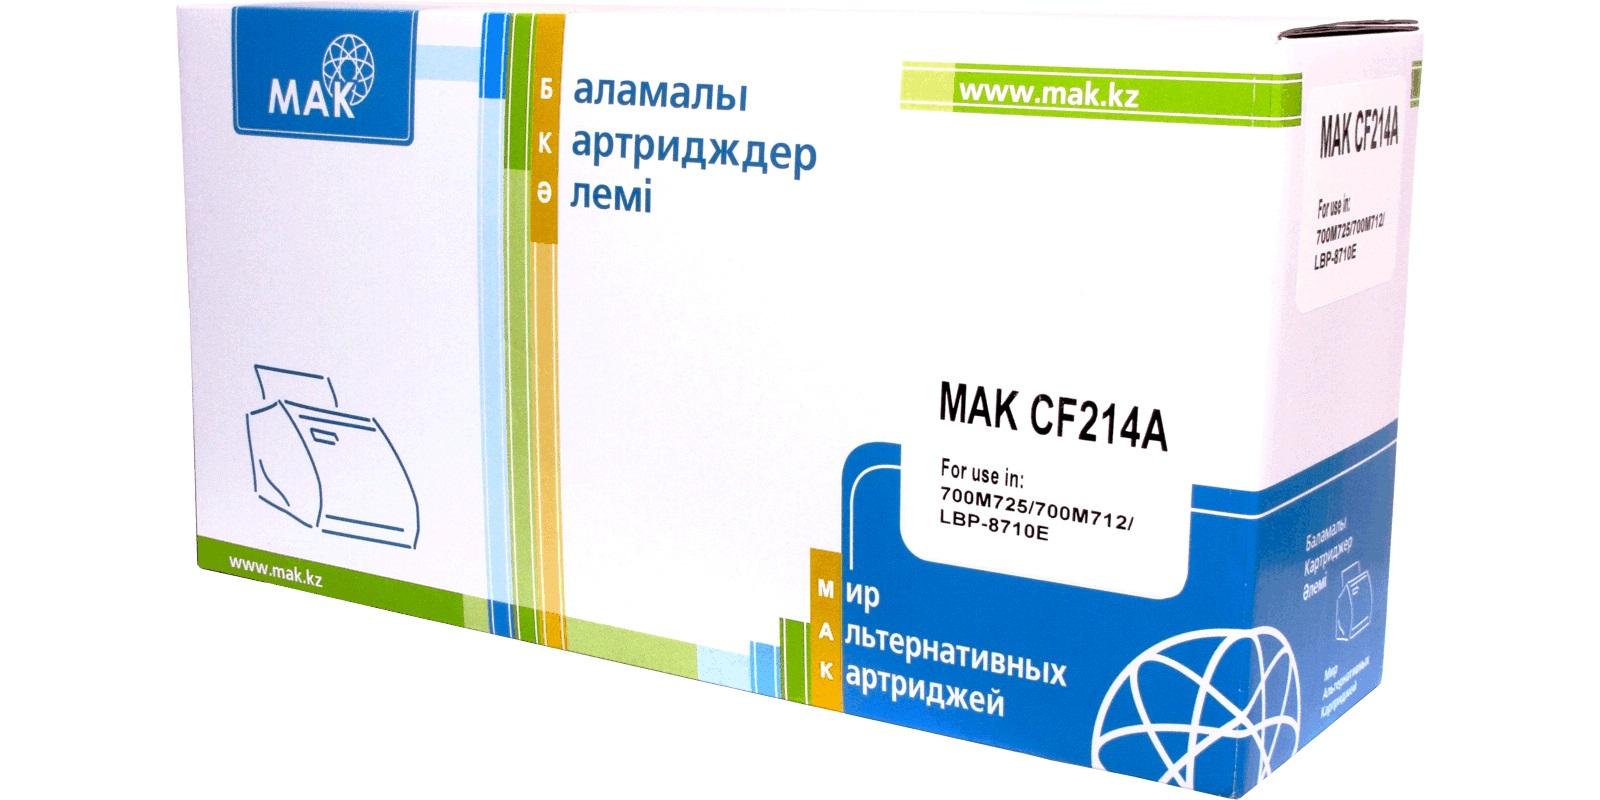 Картридж лазерный MAK© №14A CF214A черный (black), до 10000 стр, для HP